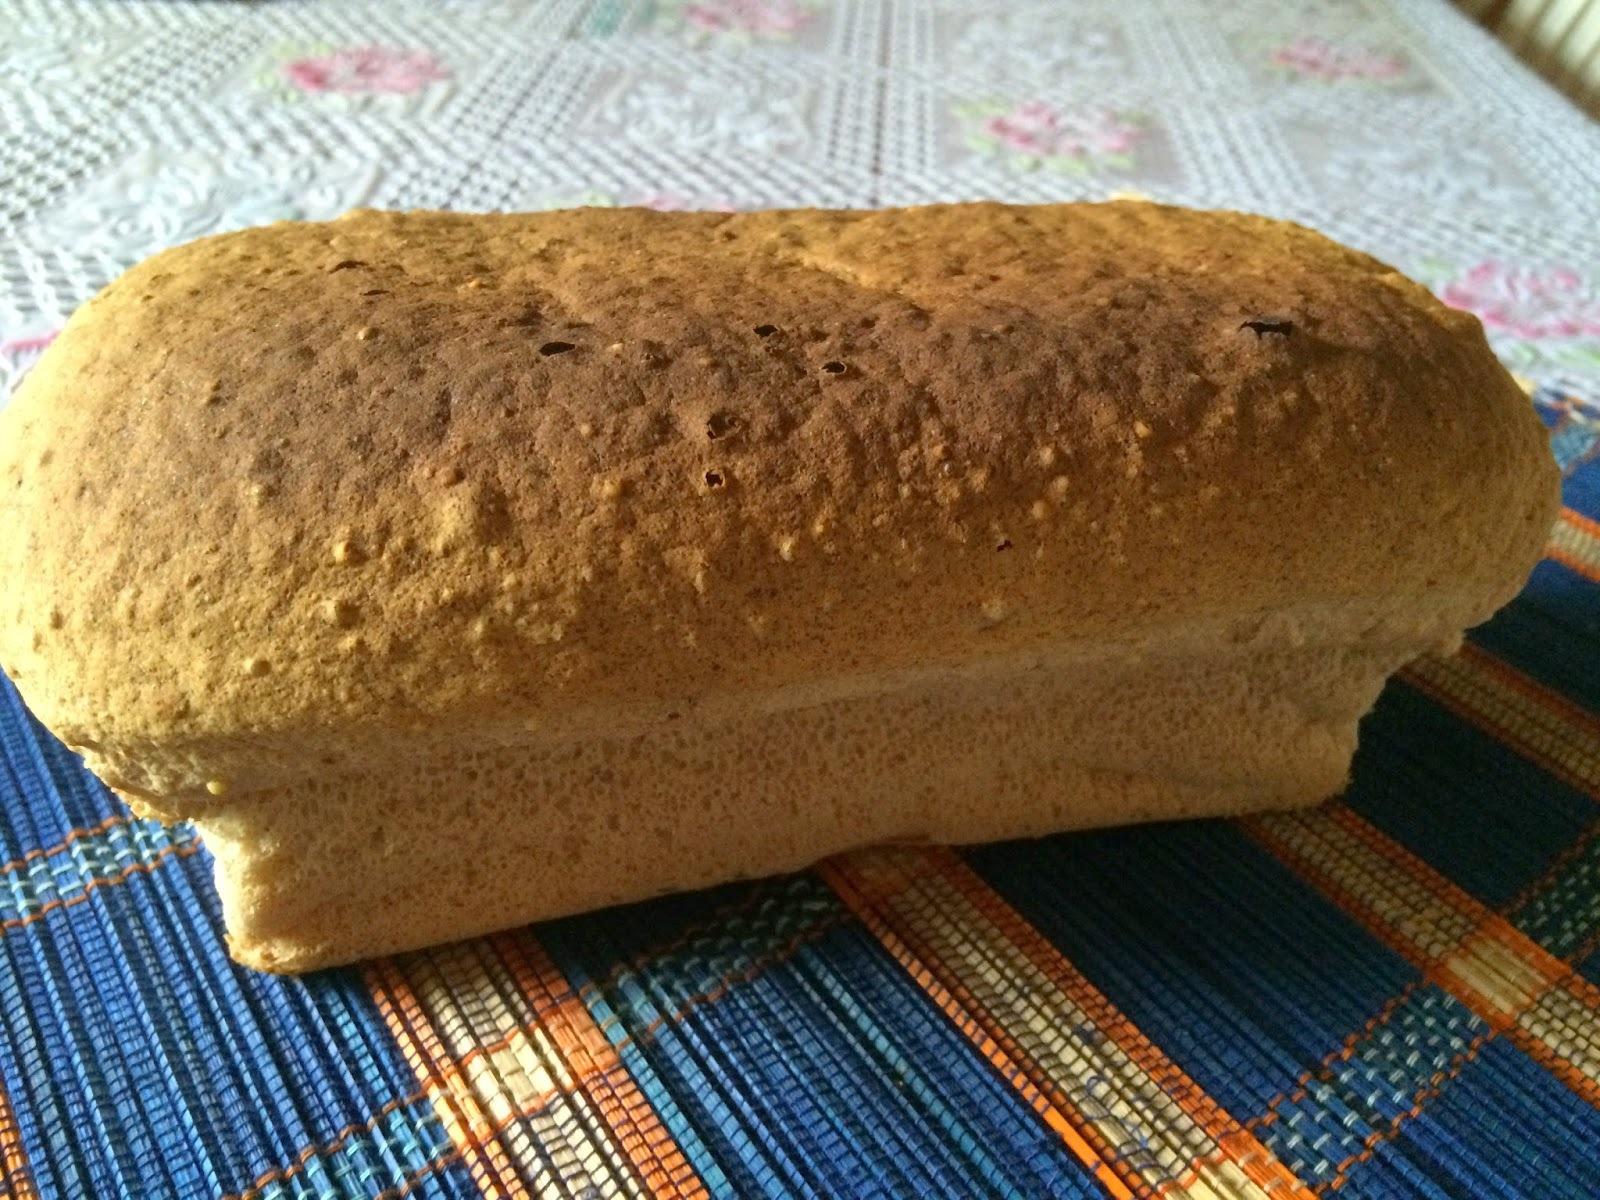 Pão de trigo sarraceno e painço descascado